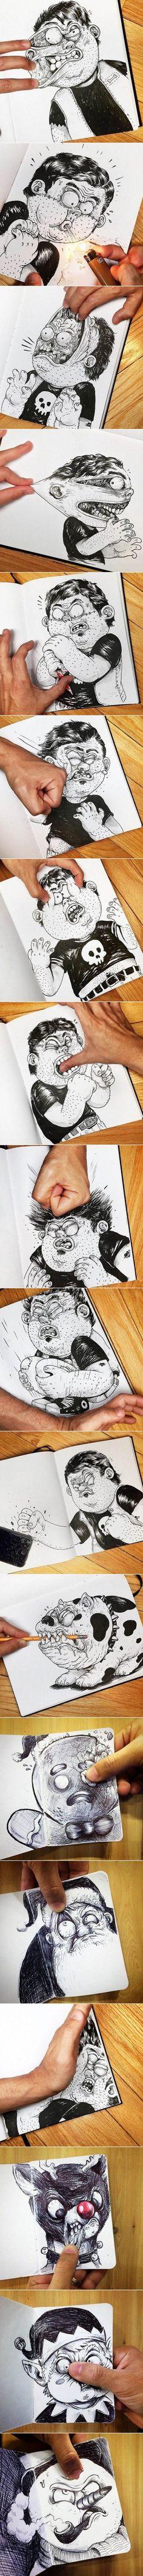 Zeichnungen, die sich mit ihrem Schöpfer anlegen | Webfail - Fail Bilder und Fail Videos